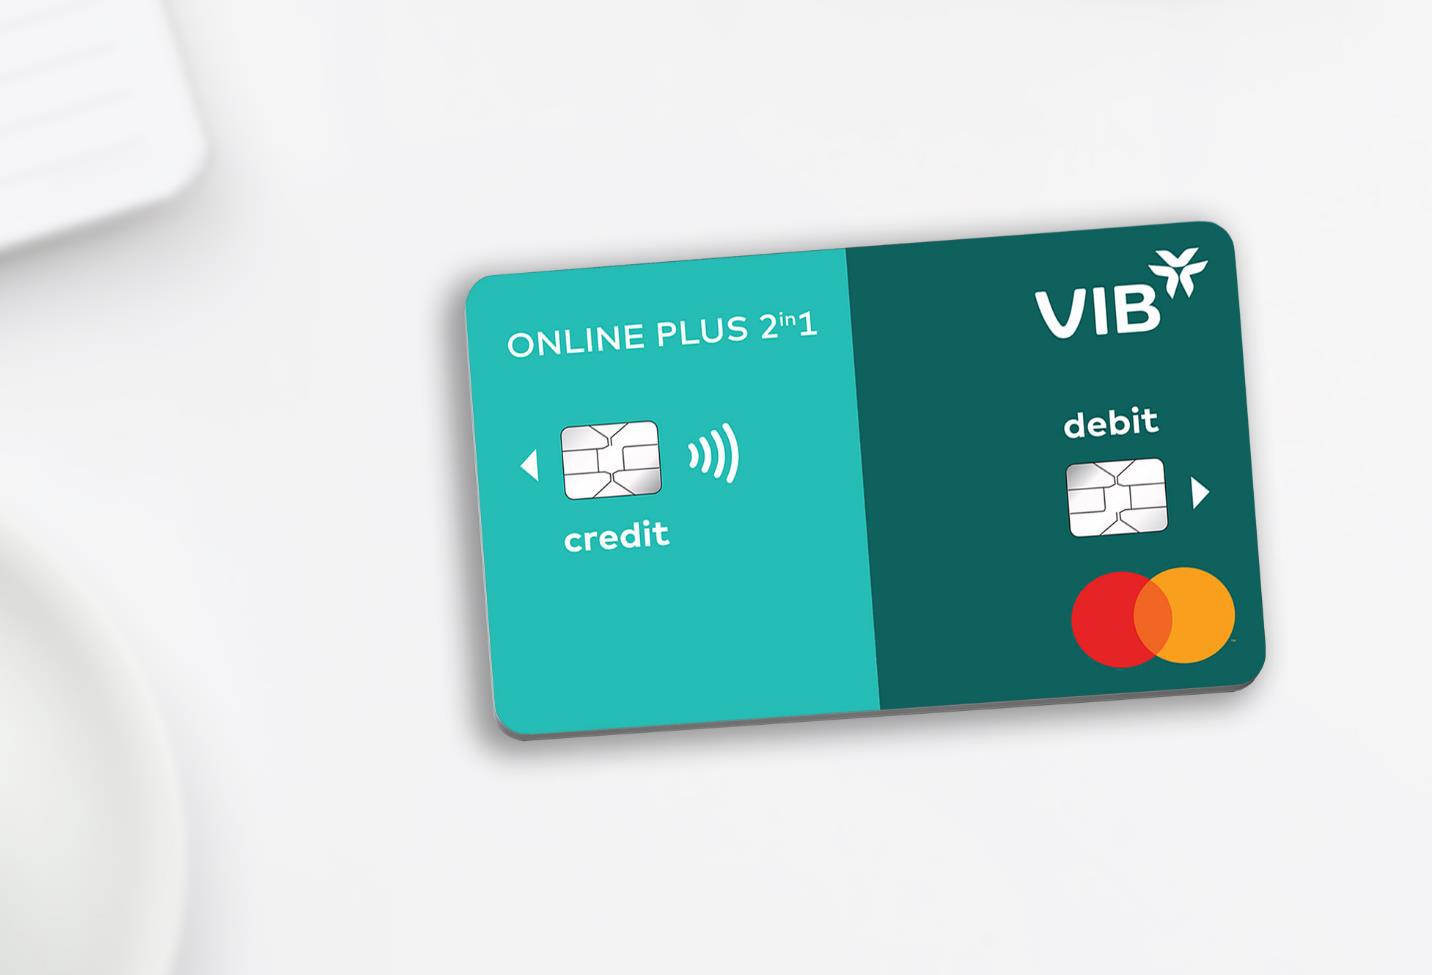 VIB ra mắt dòng thẻ tích hợp thẻ tín dụng và thanh toán - Ảnh 1.